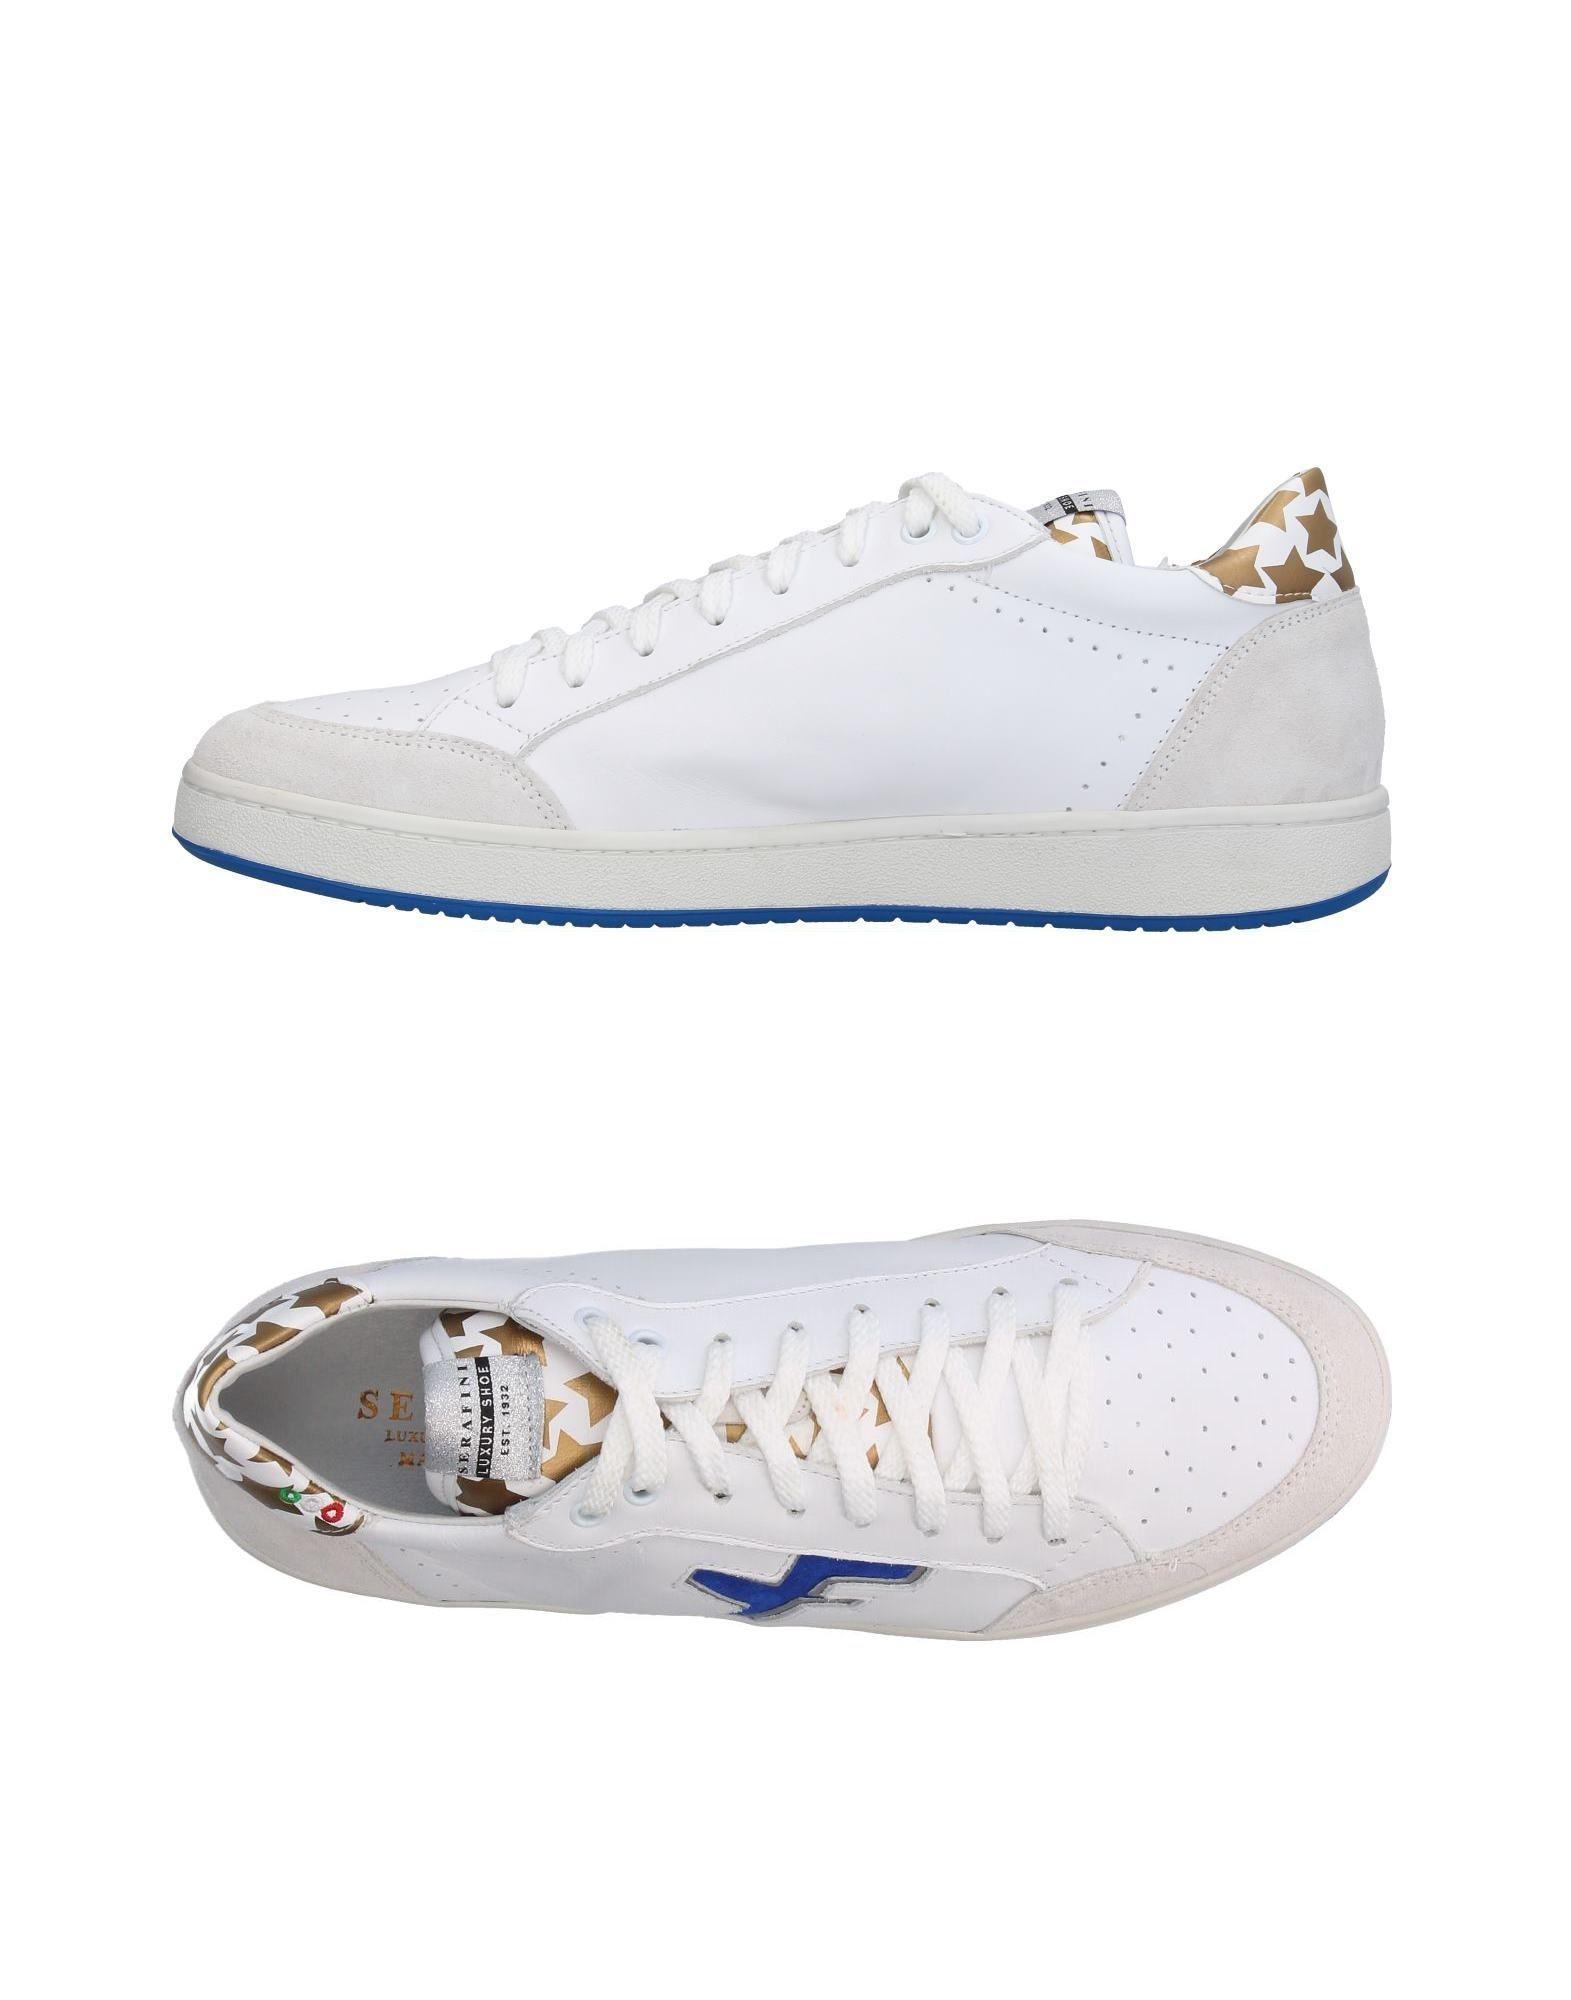 FOOTWEAR - Low-tops & sneakers Serafini He9ww